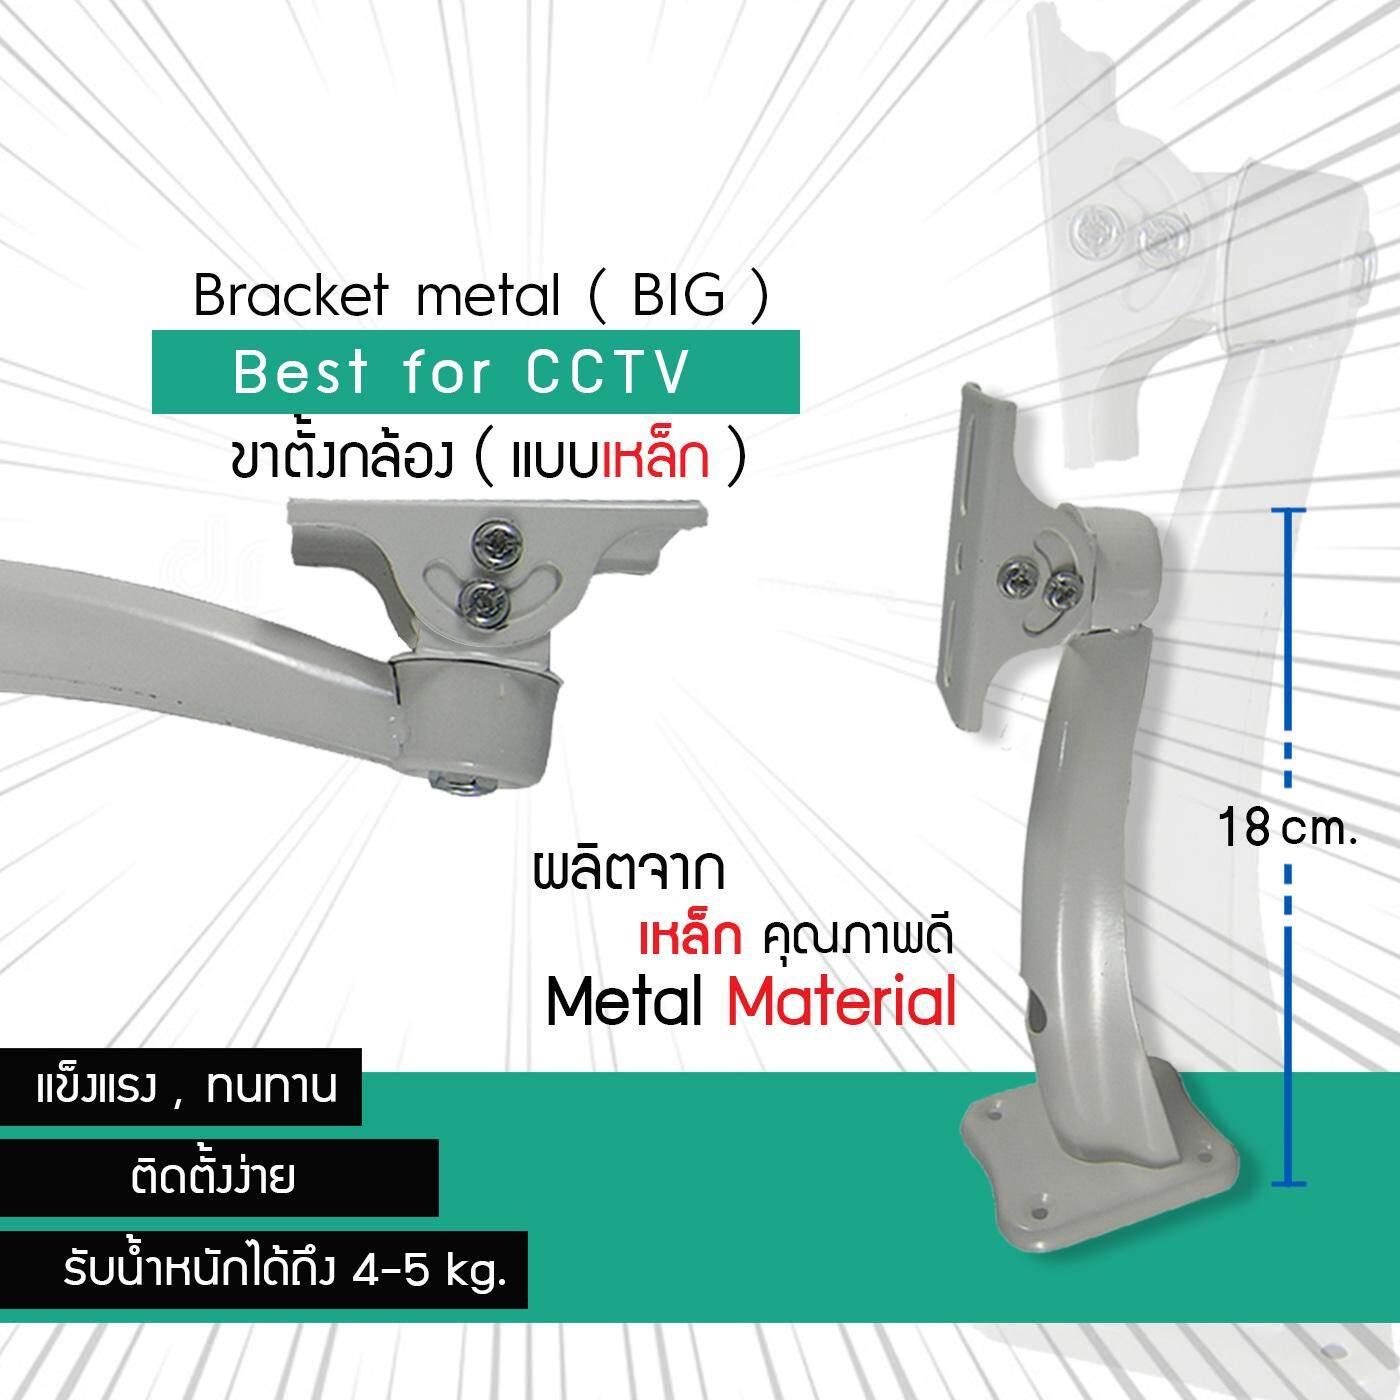 ขาตั้ง Cctv แบบเหล็ก ( Metal Bracket ) สำหรับ ยึดติด ผนัง / กำแพง By Dius Technology.